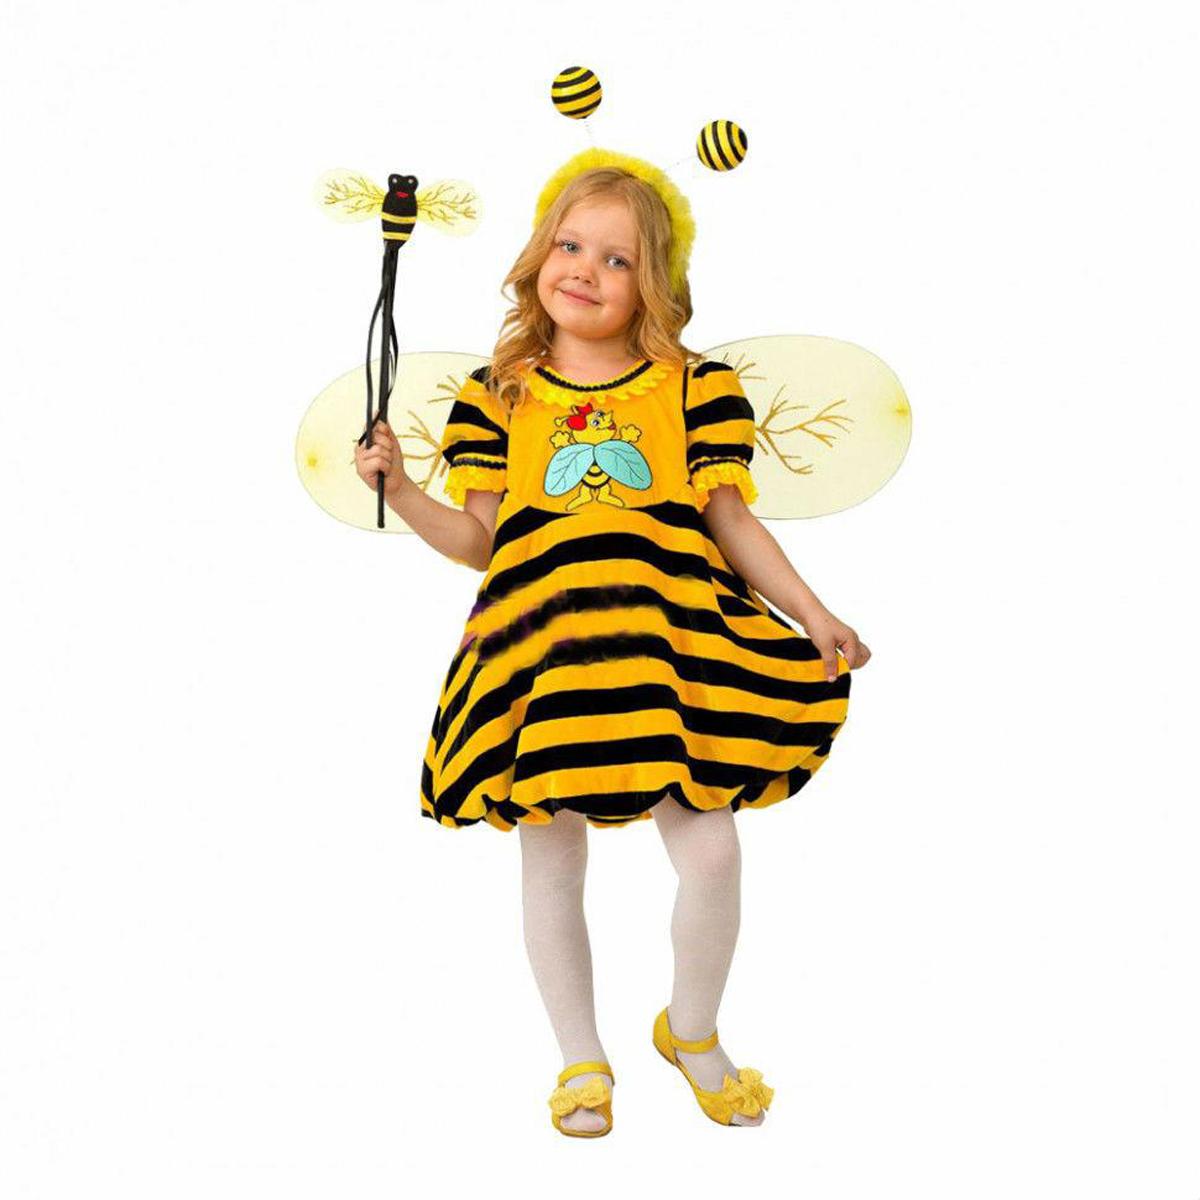 Батик Костюм карнавальный для девочки Пчелка размер 30 батик карнавальный костюм для девочки снежинка размер 30